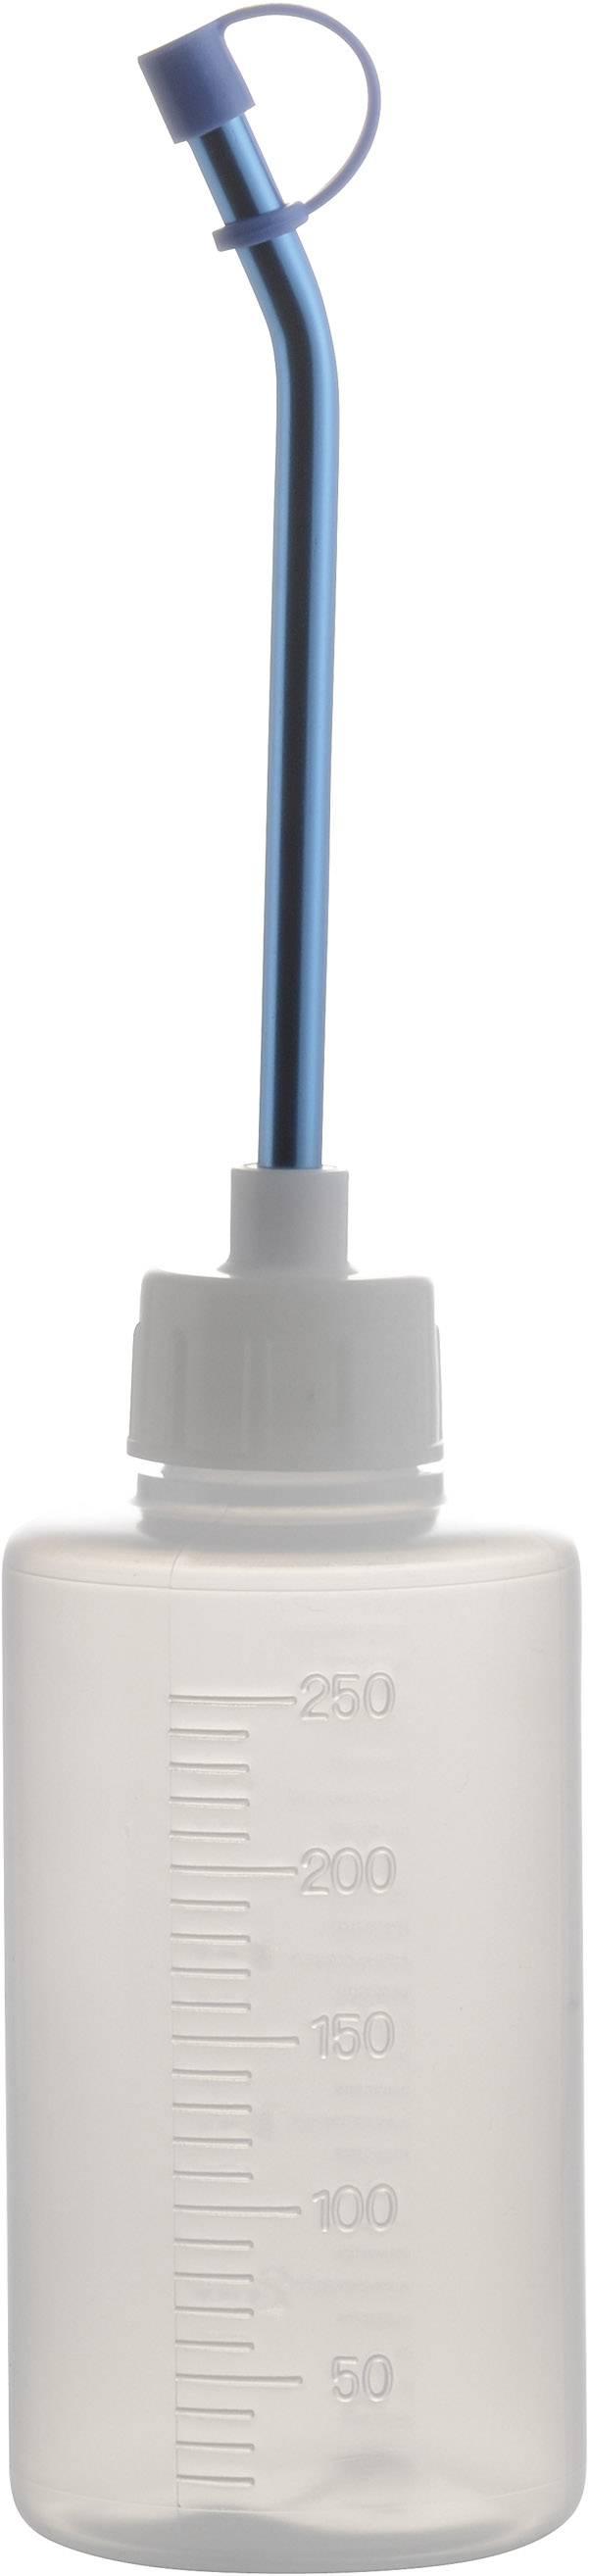 Zásobník s kovovým dávkovačem a uzávěrem Reely, 250 ml